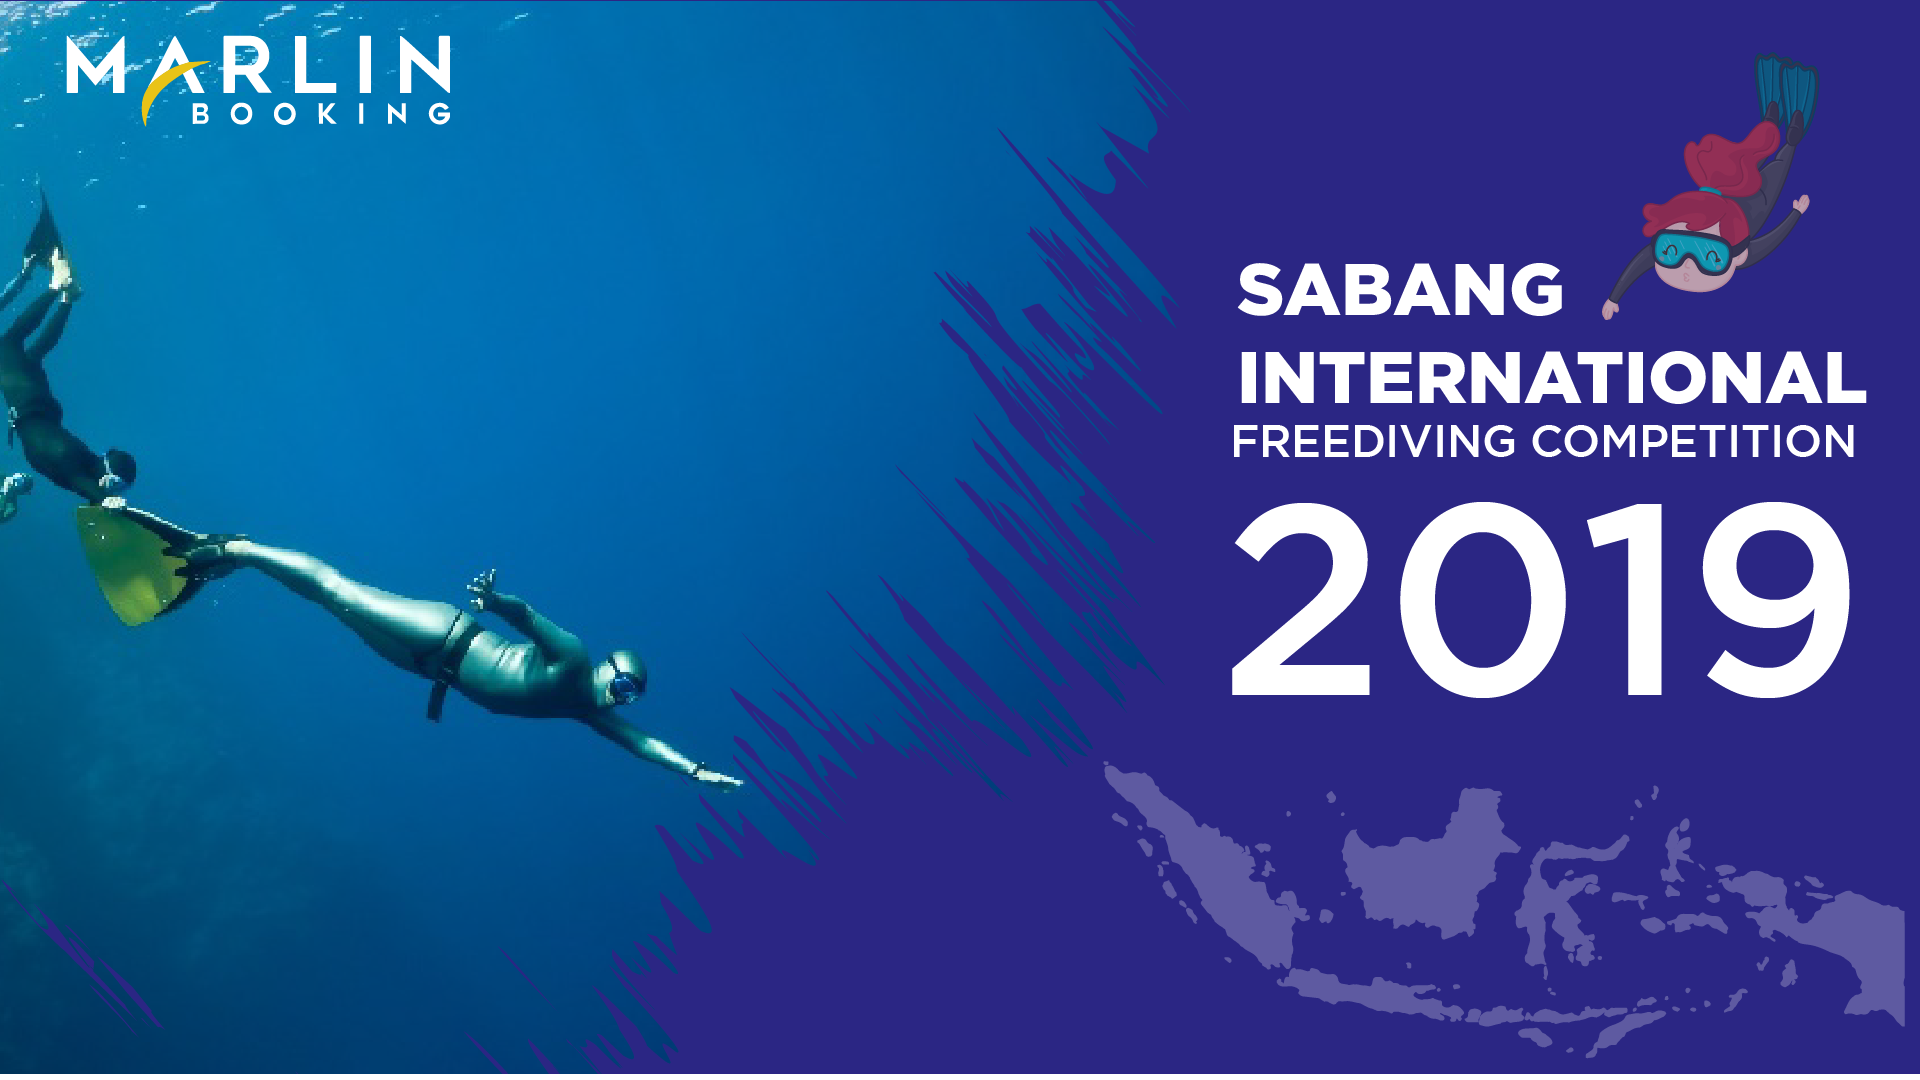 Sabang International Freediving Competition 2019 Resmi Berakhir